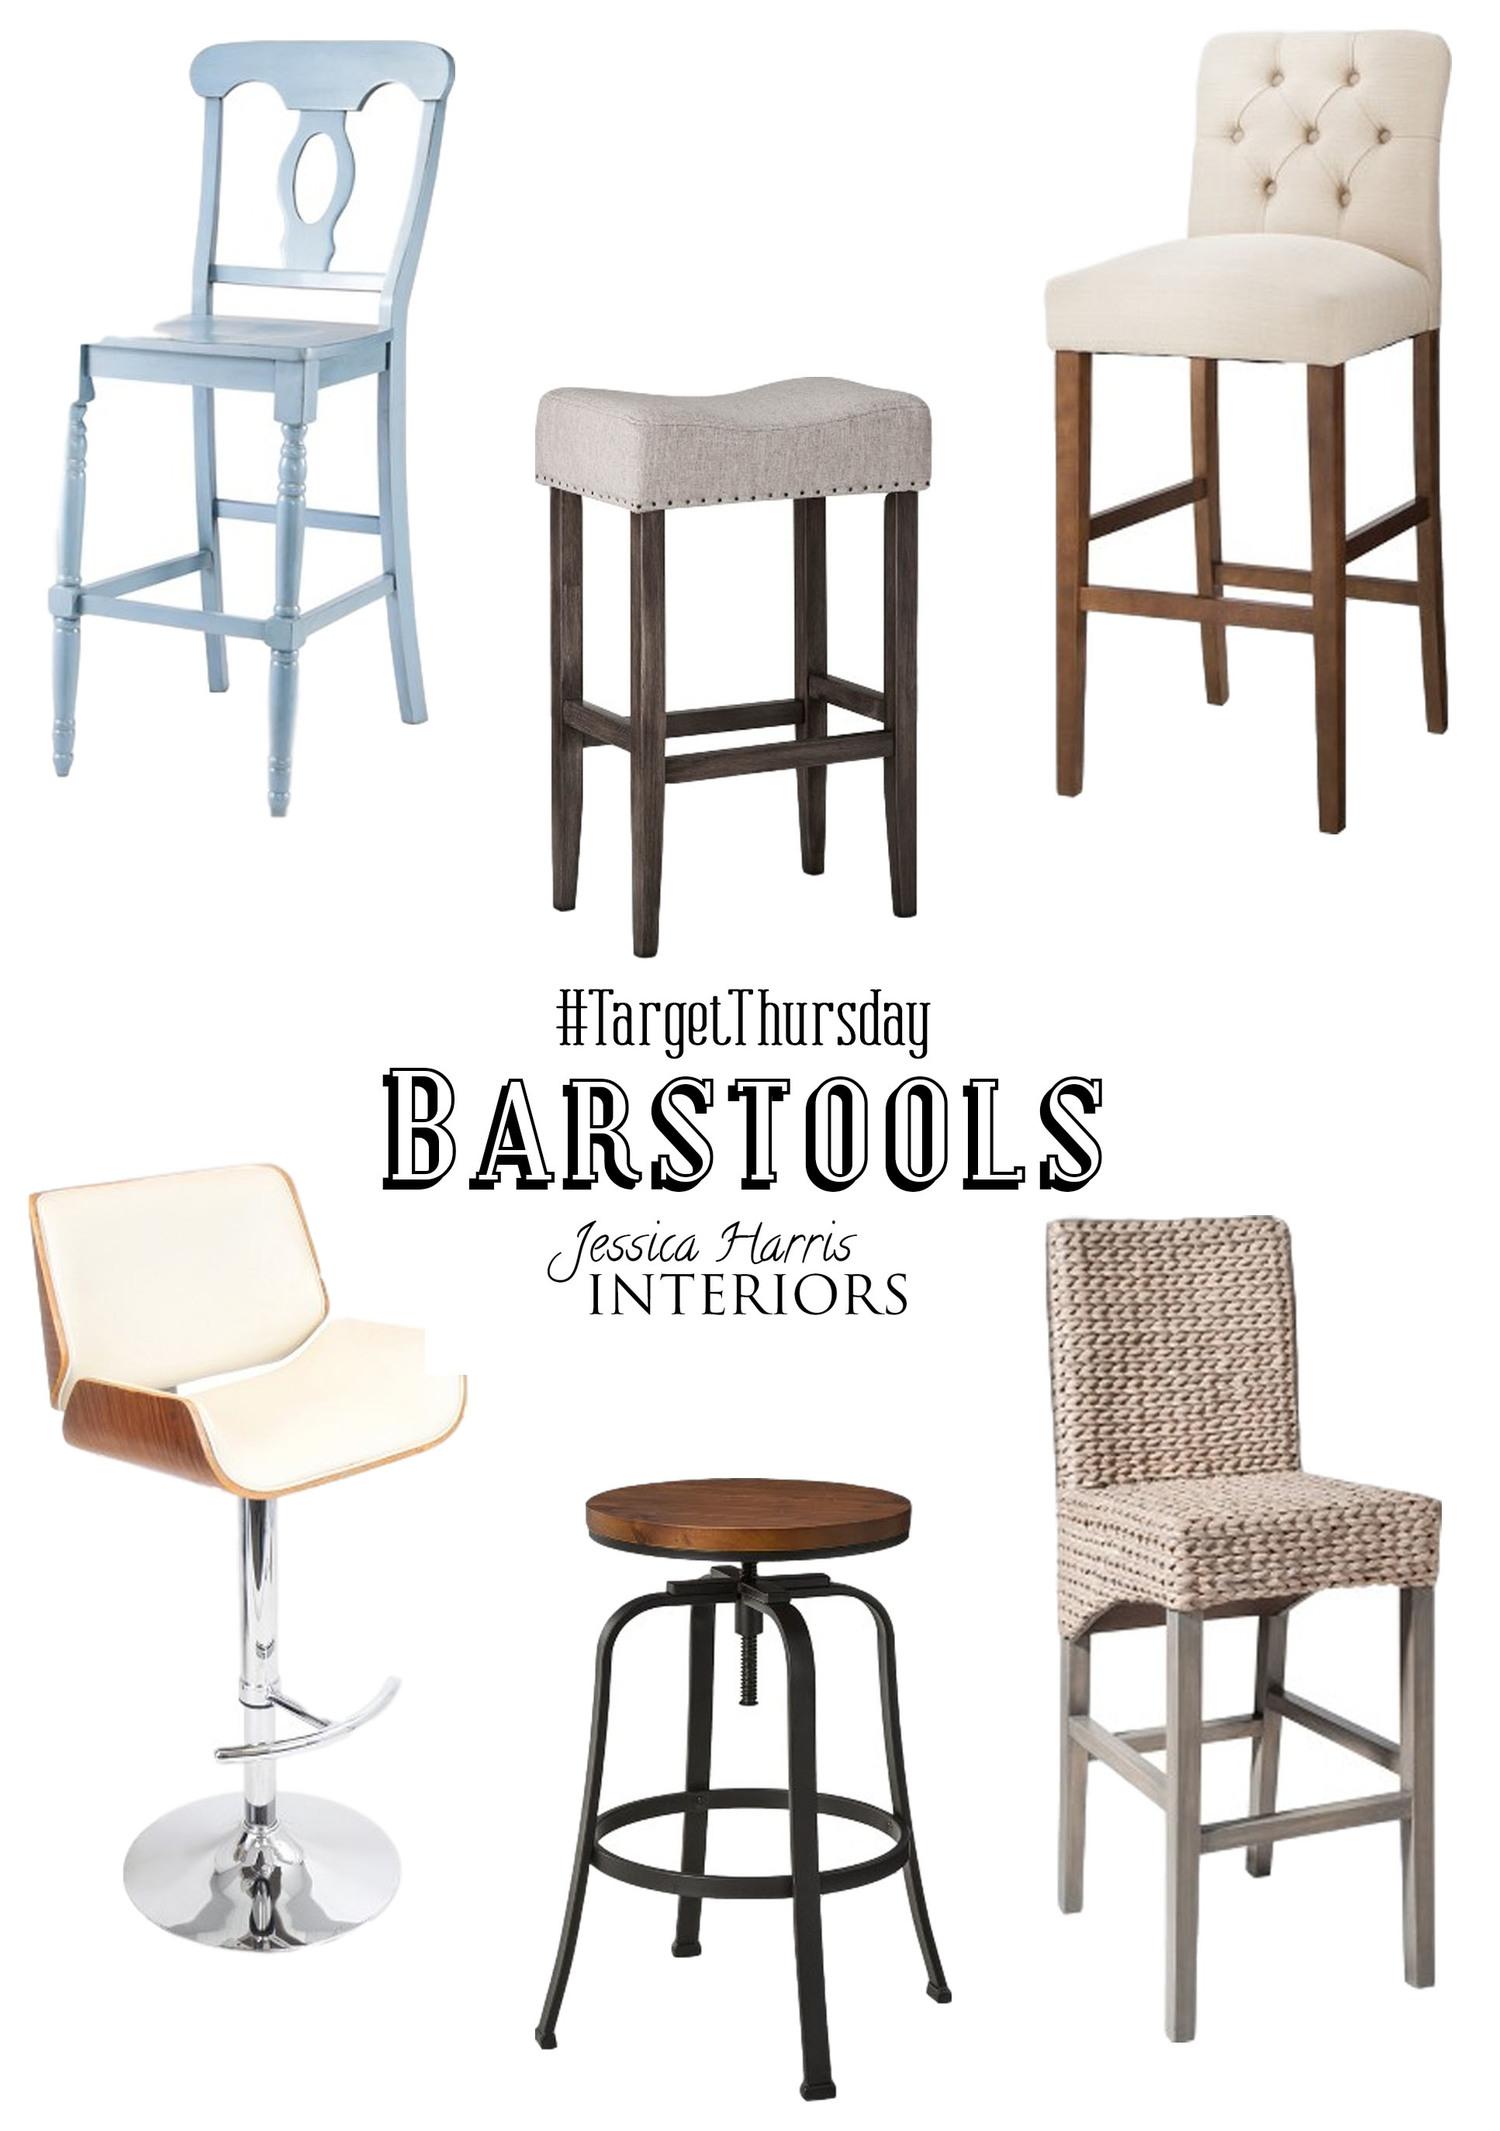 Fantastic Target Thursday Barstools Jessica Harris Interiors Short Links Chair Design For Home Short Linksinfo